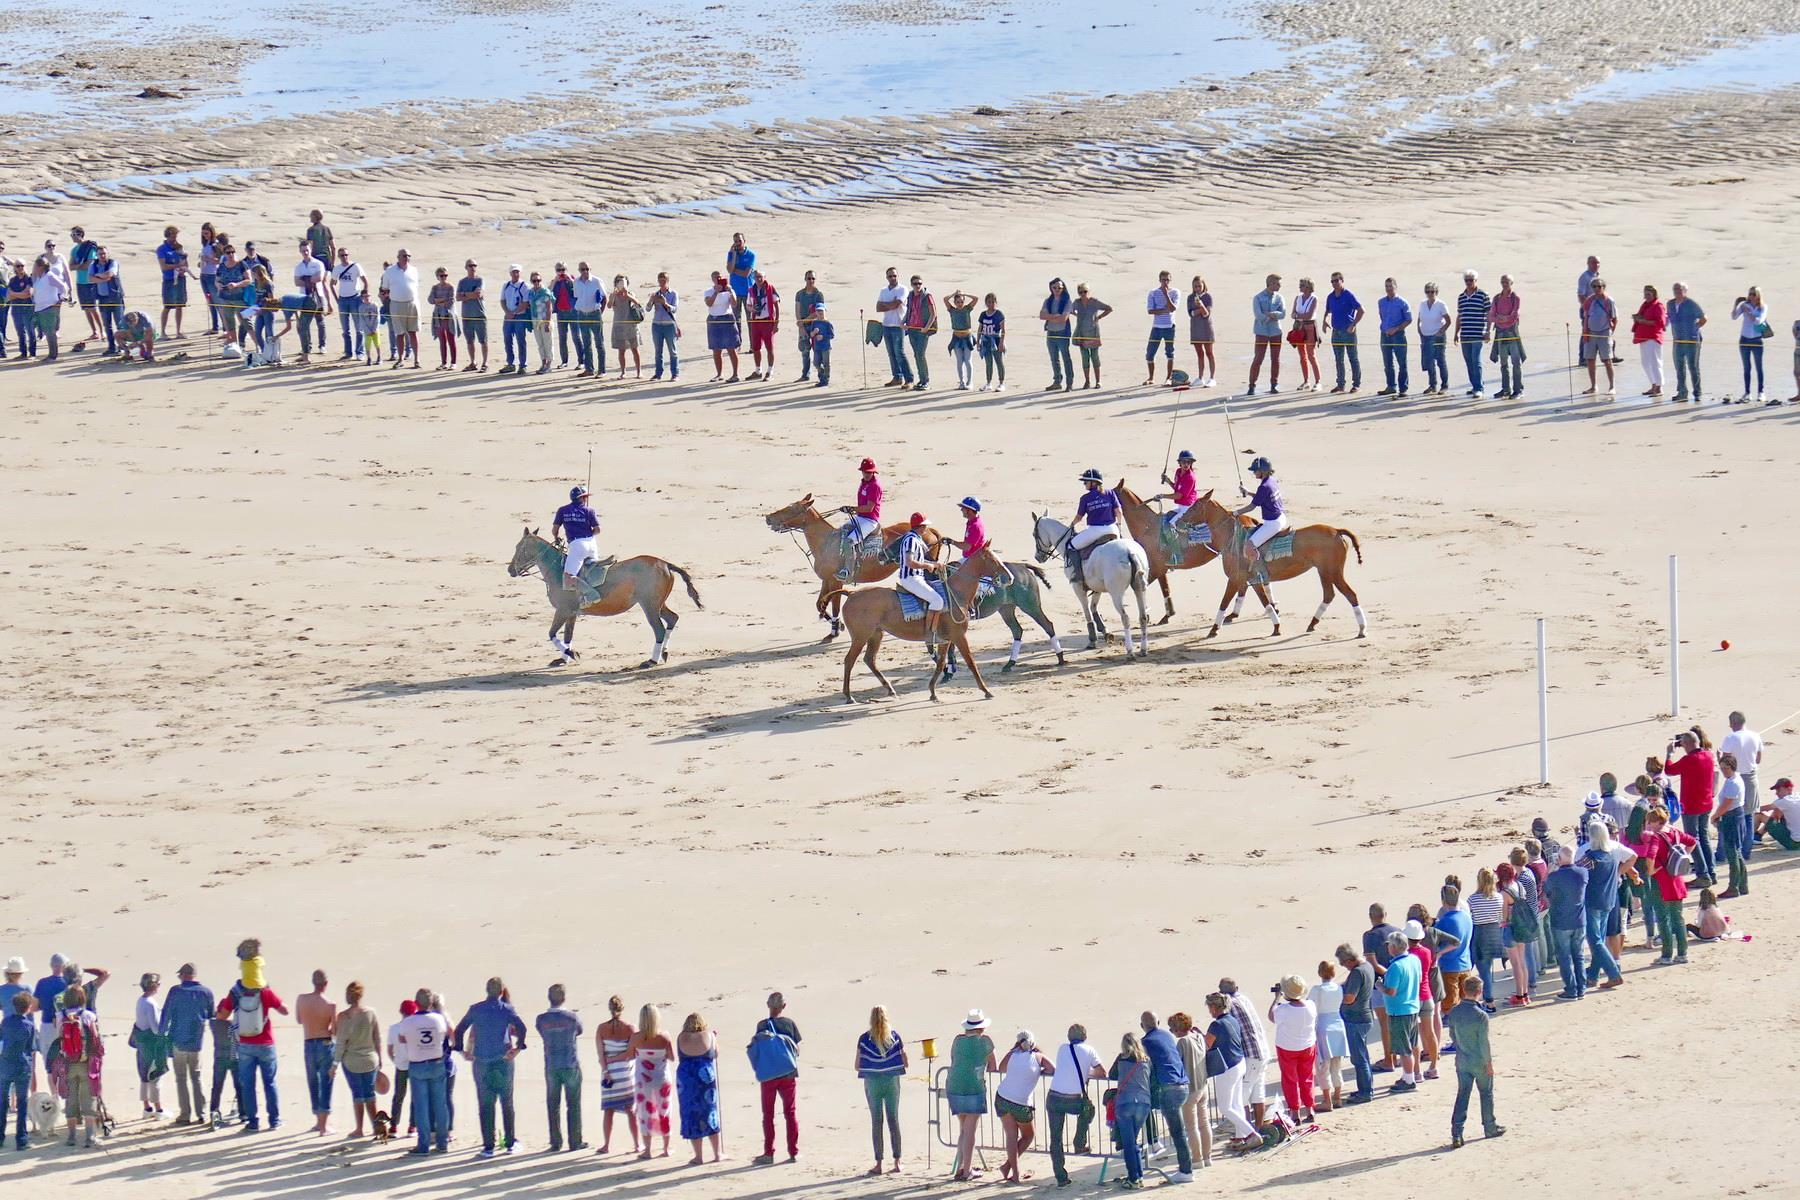 Tournoi de polo sur la plage